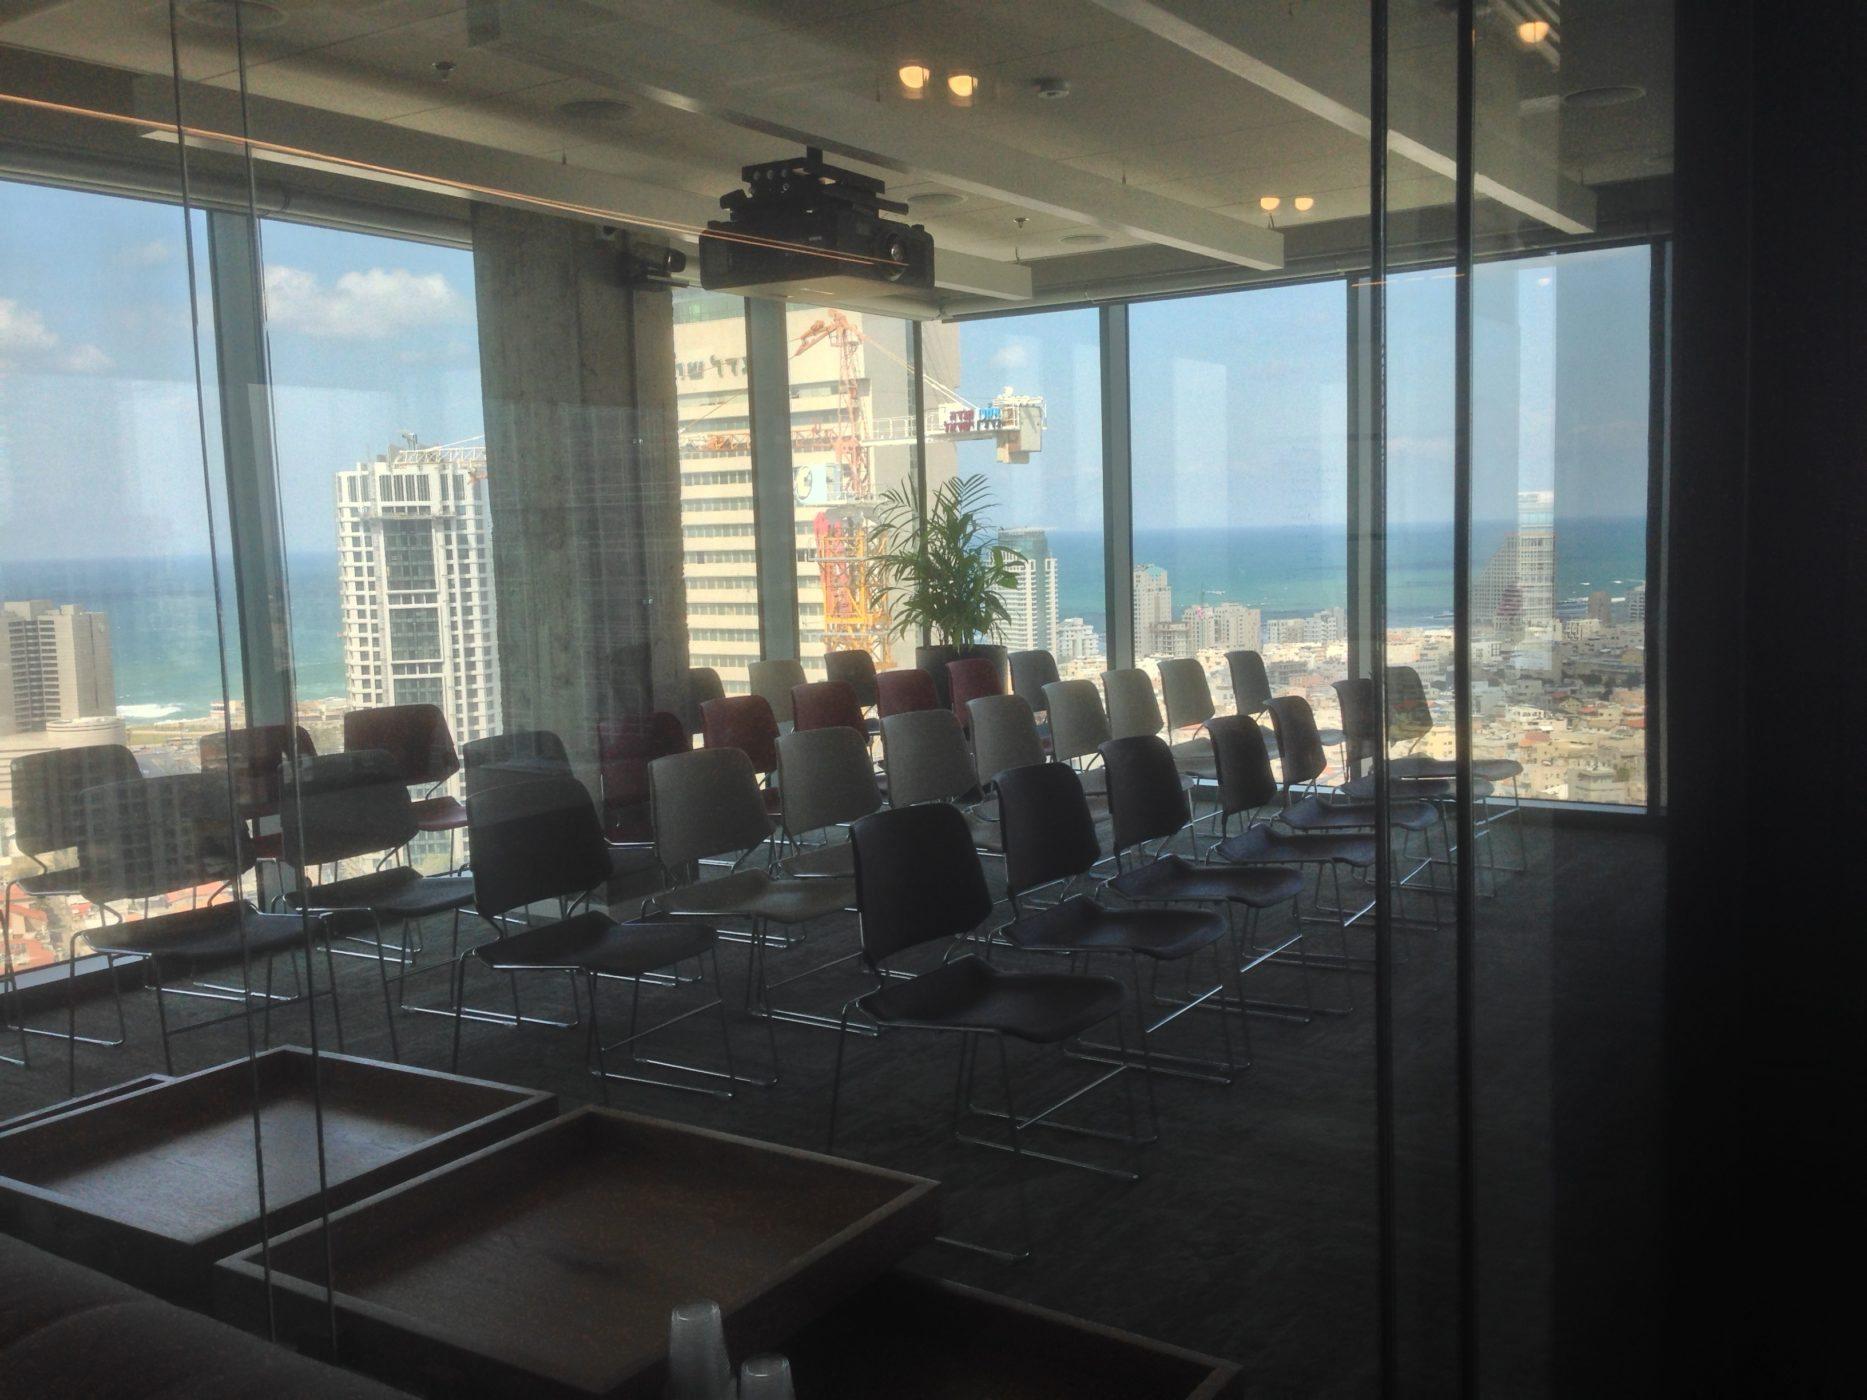 חדר ההדרכות של החברה, אותו מכנה ״ג׳ים״ ומעבירה הדרכות לגורמים חיצוניים במטרה לשפר את הביצועים שלהם בפייסבוק (צילום: גיקטיים)